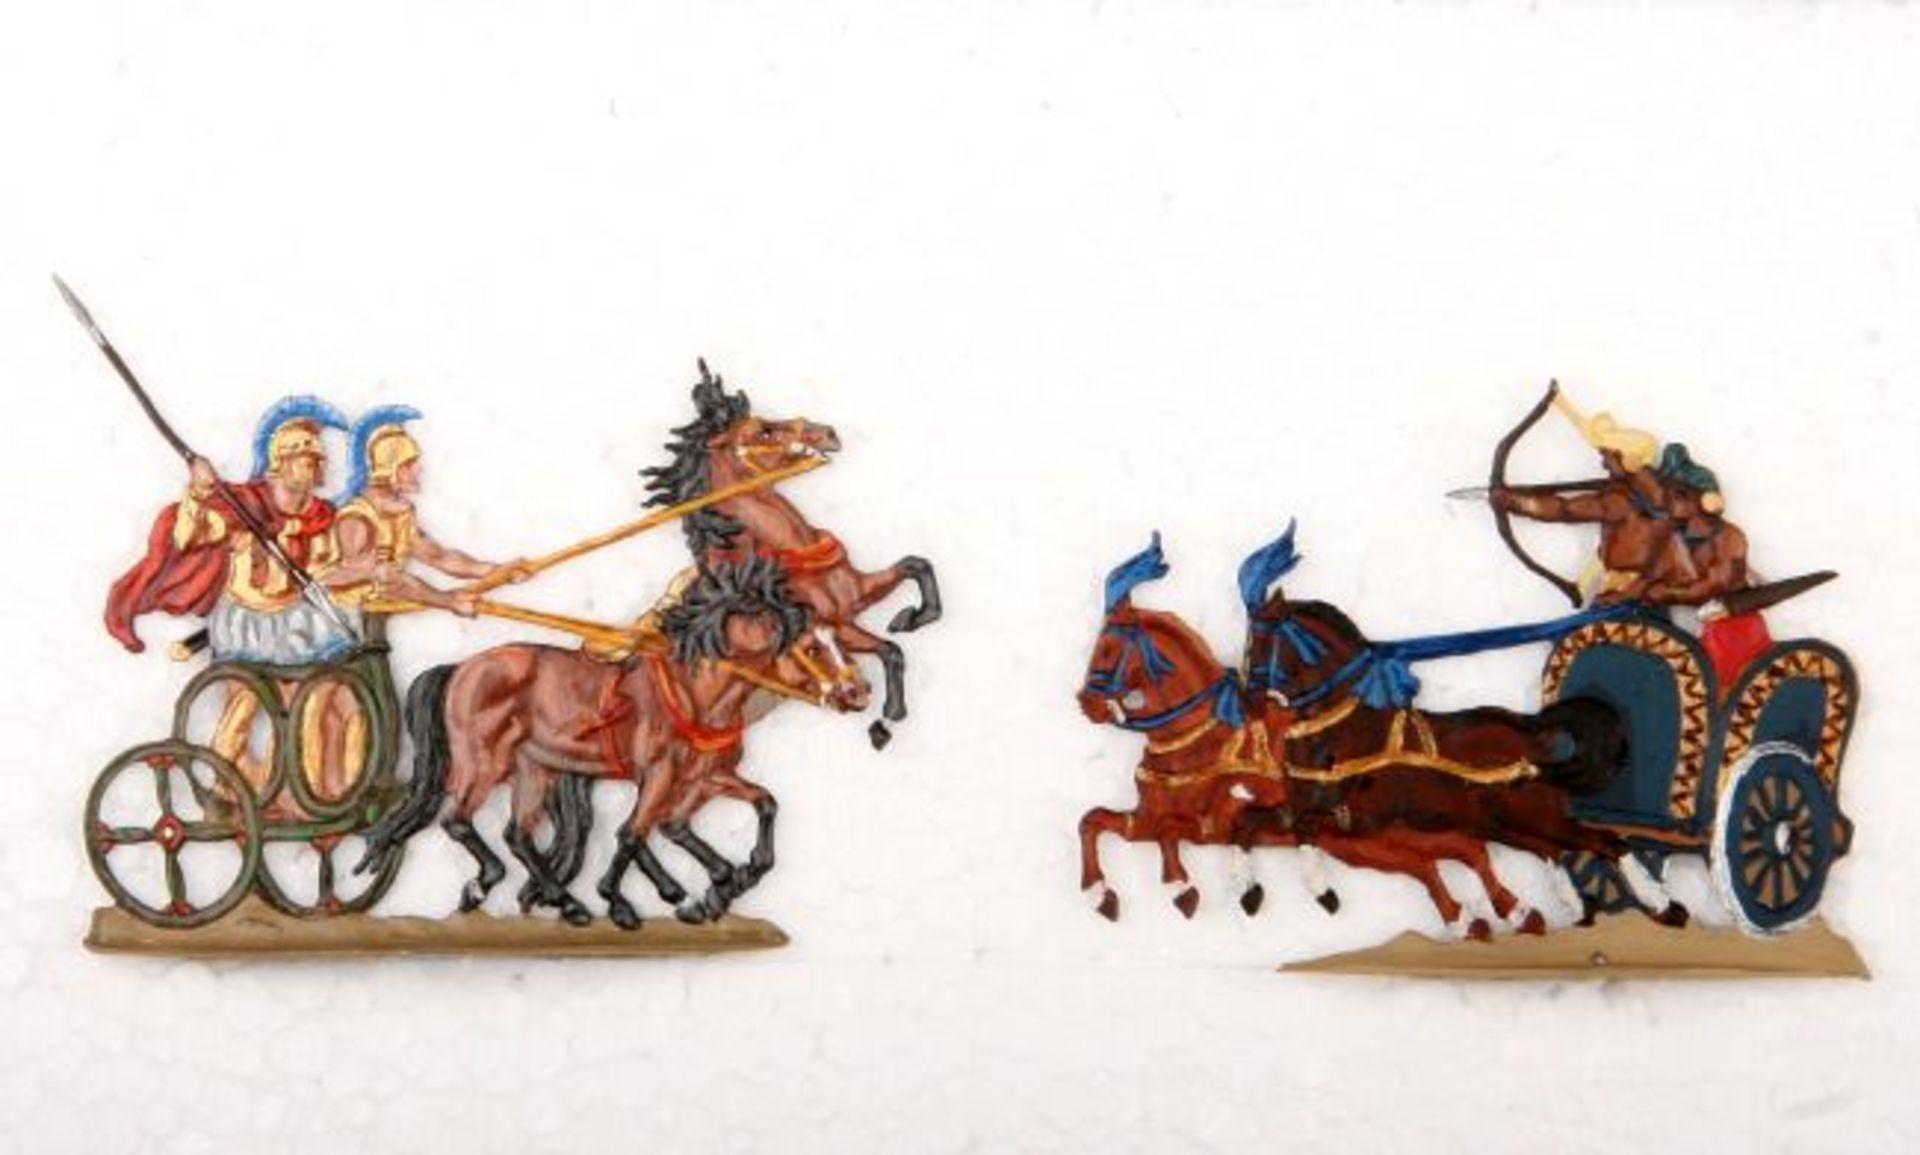 Altertum, 1 griechischer Streitwagen, 1 indischer Streitwagen, Neckel und Kiel, gute und sehr